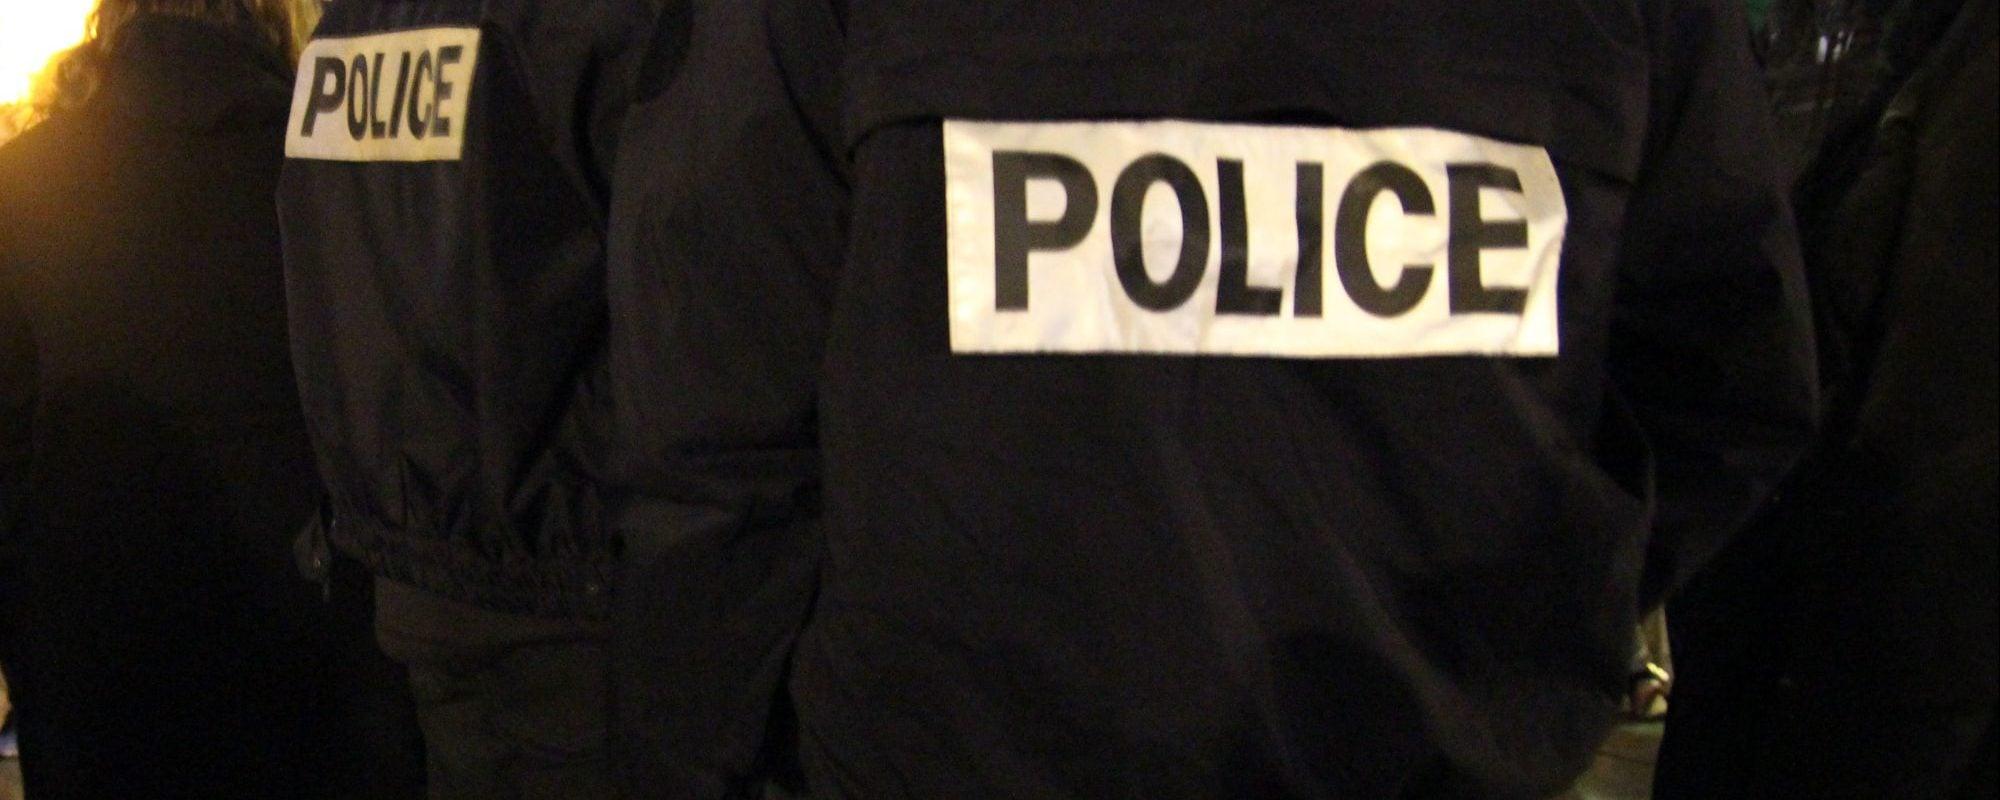 Policiers : «on n'a plus aucune crédibilité dans les quartiers»